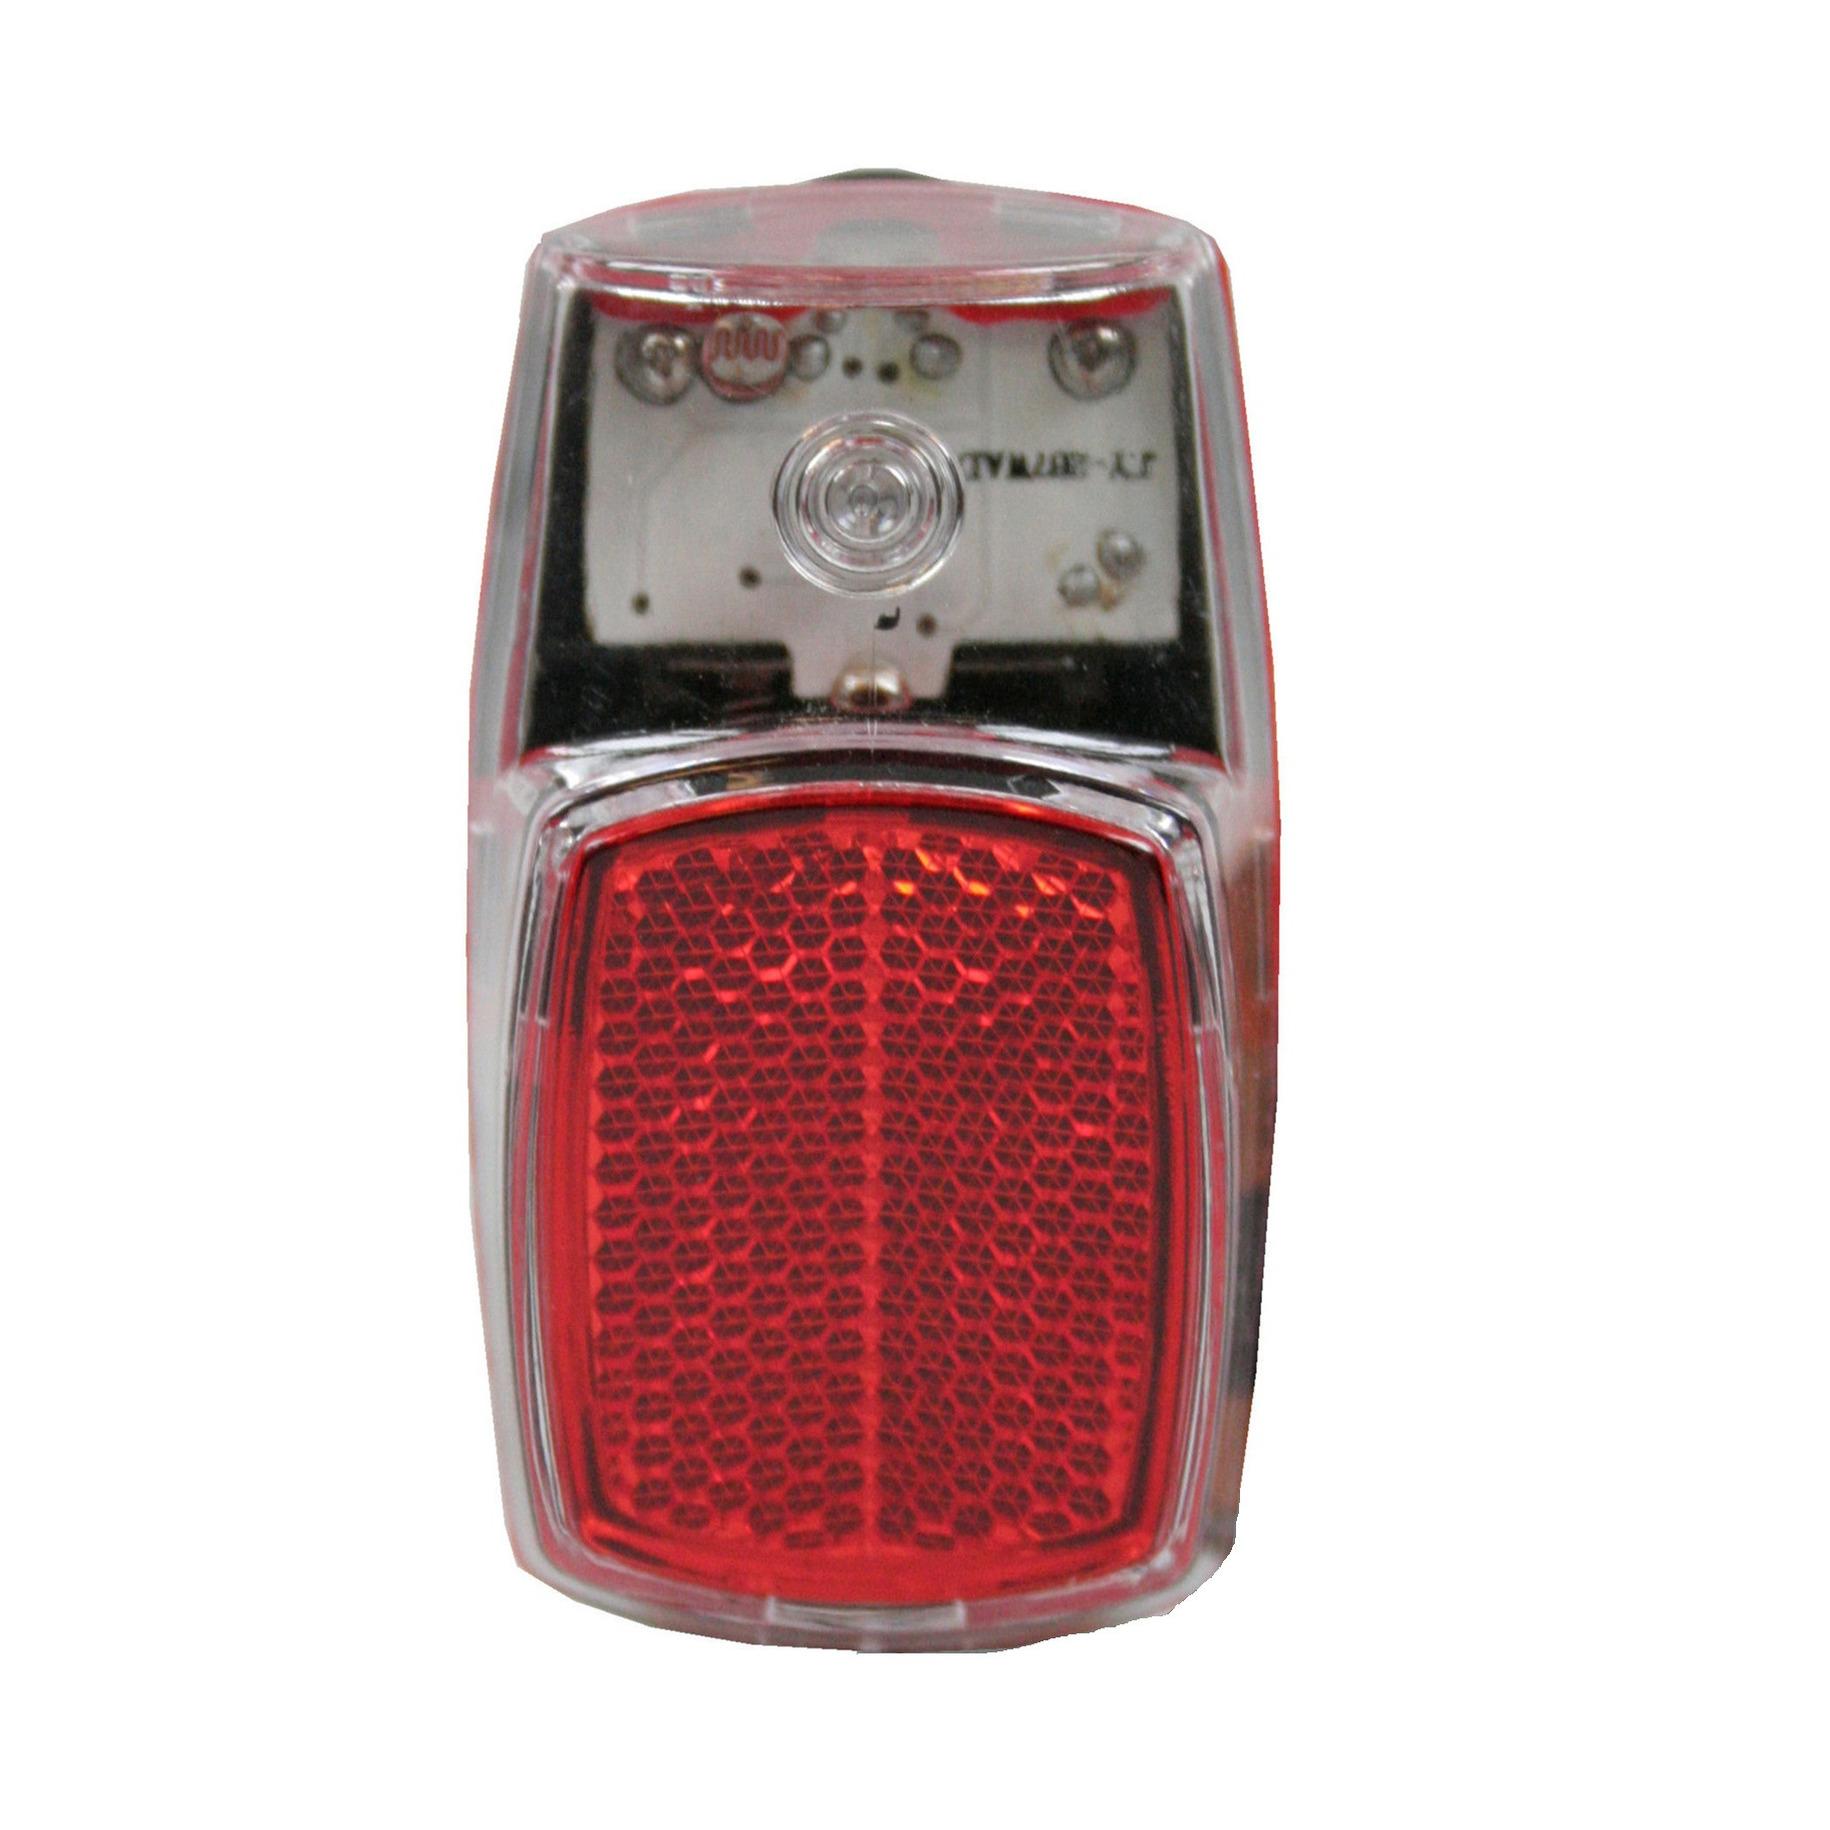 1x Fietsverlichting-achterlicht LED spatbordmontage met reflector 8 x 4 cm